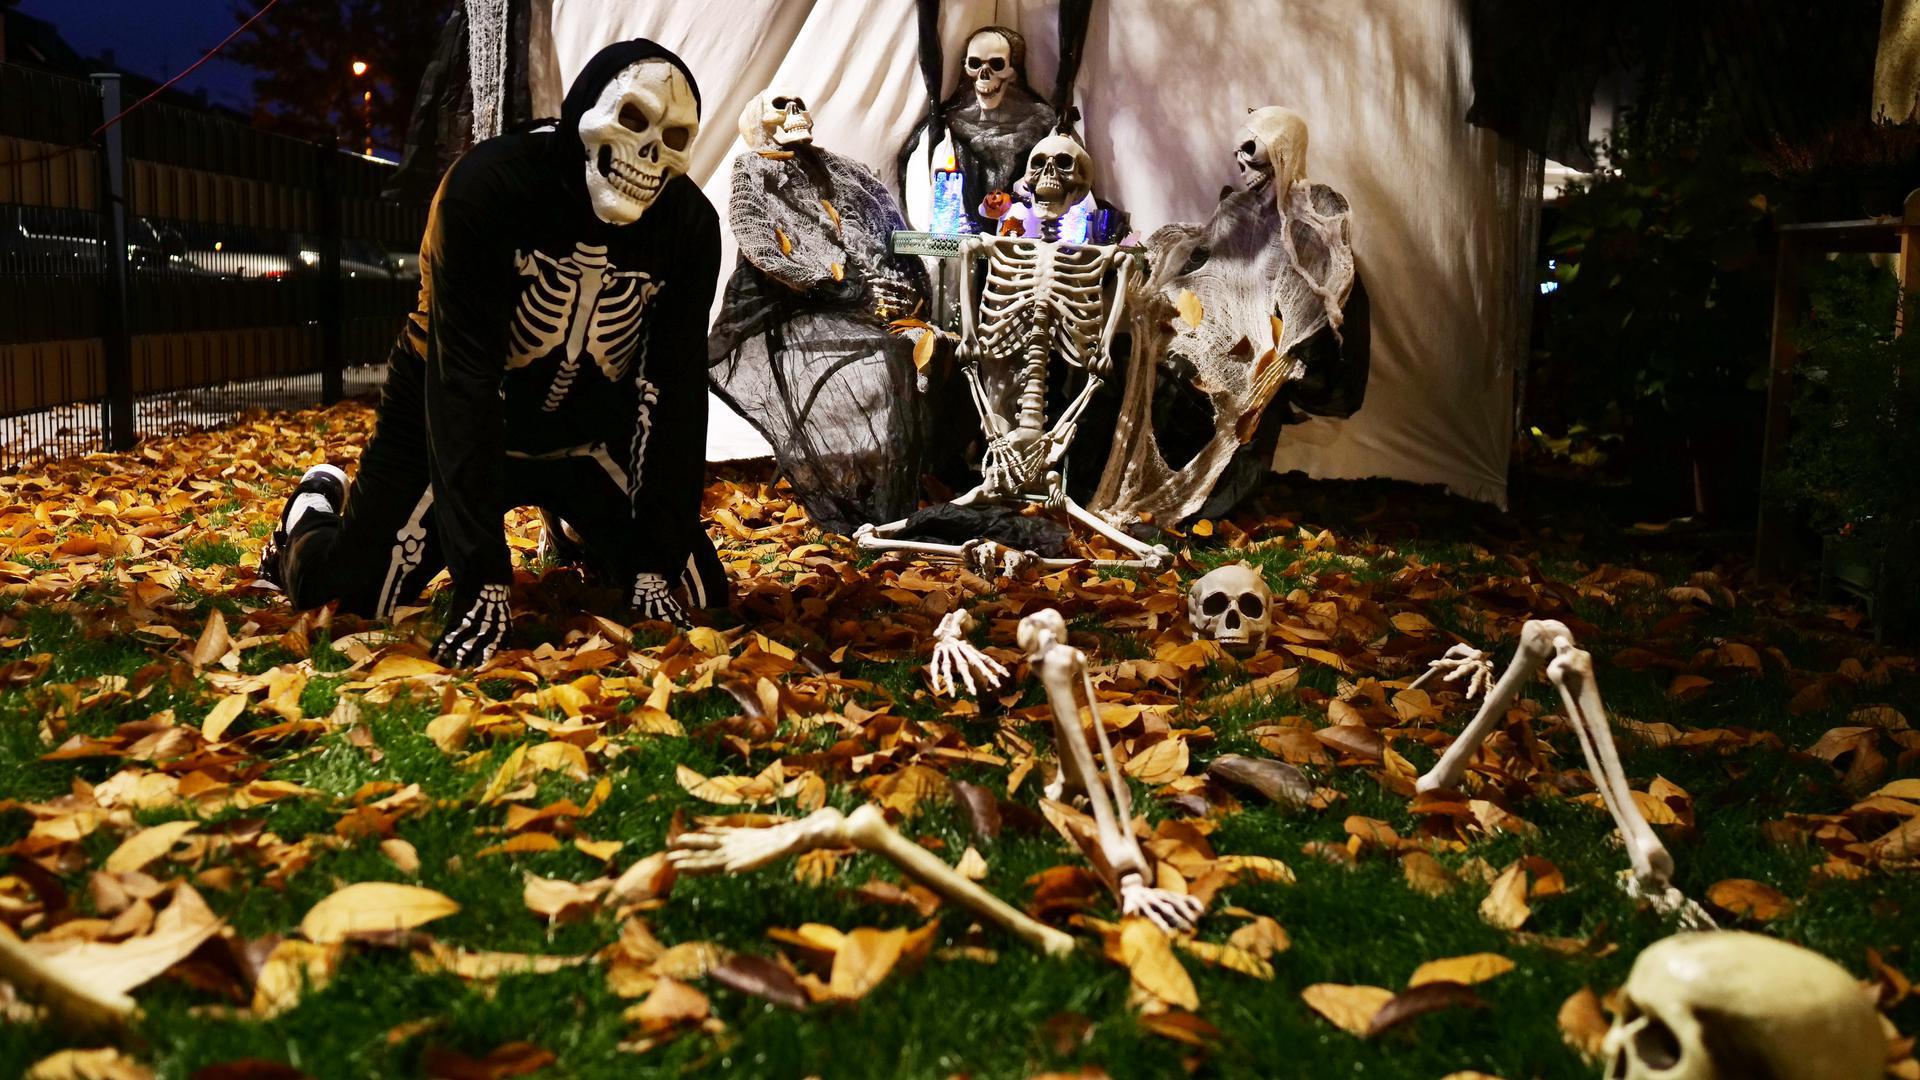 Grusel-Schau für die Nachbarn: Herbert Schwarz dekoriert seinen Garten jedes Jahr zu Halloween mit viel Freude. Auch dieses Jahr freut er sich über große und kleine Zaungäste.